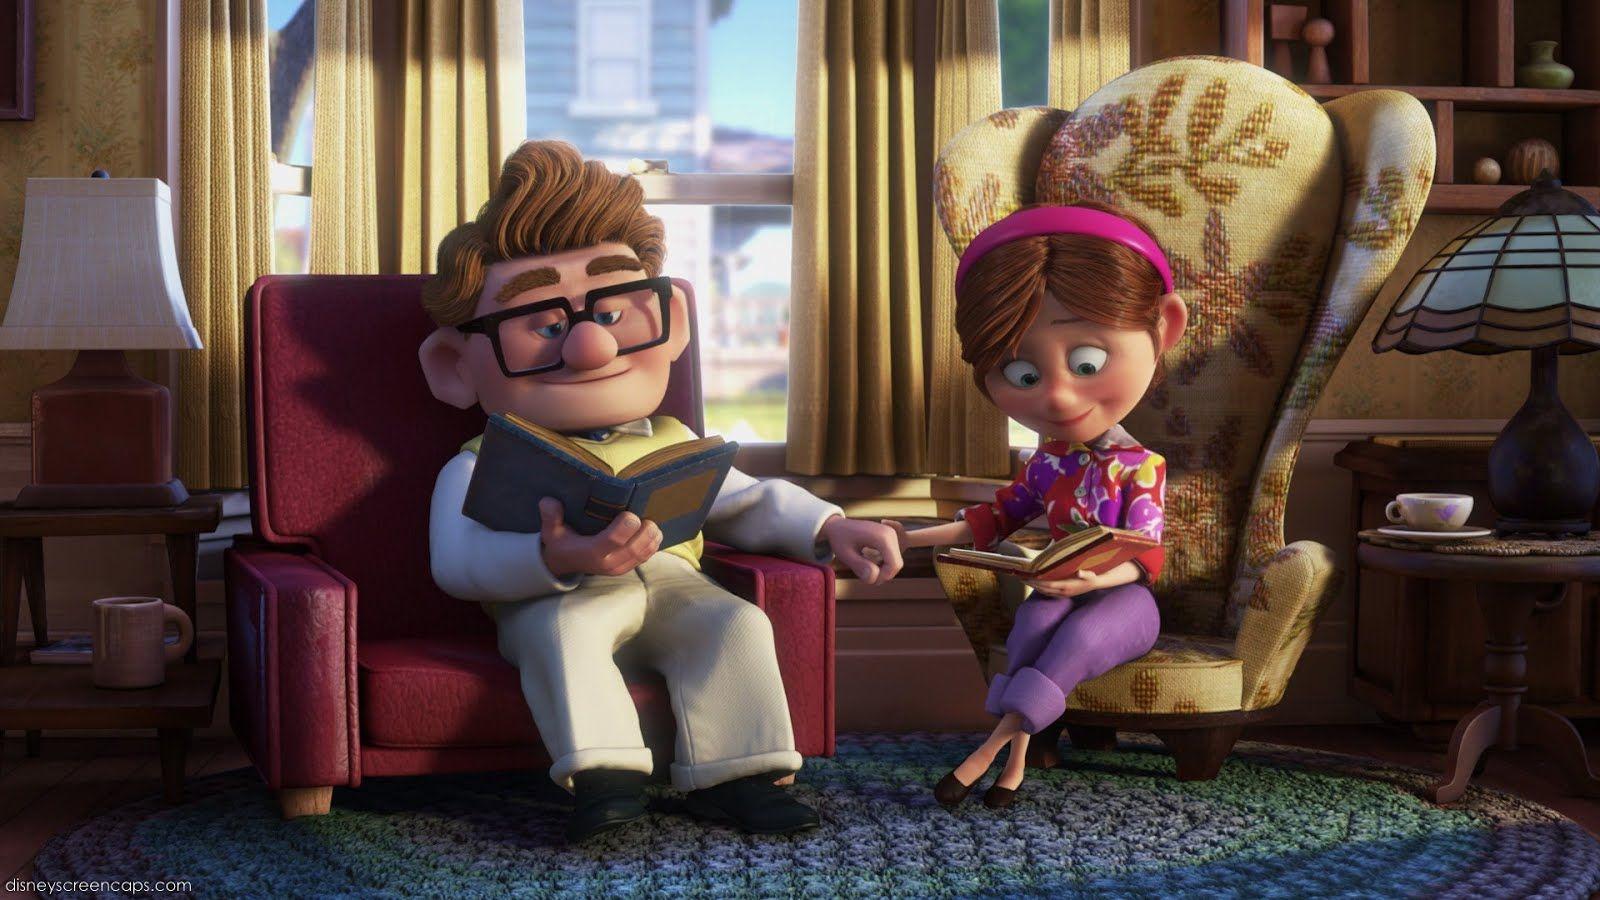 3. Ellie de Up está representada en el film a través de los colores brillantes, especialmente el magenta.